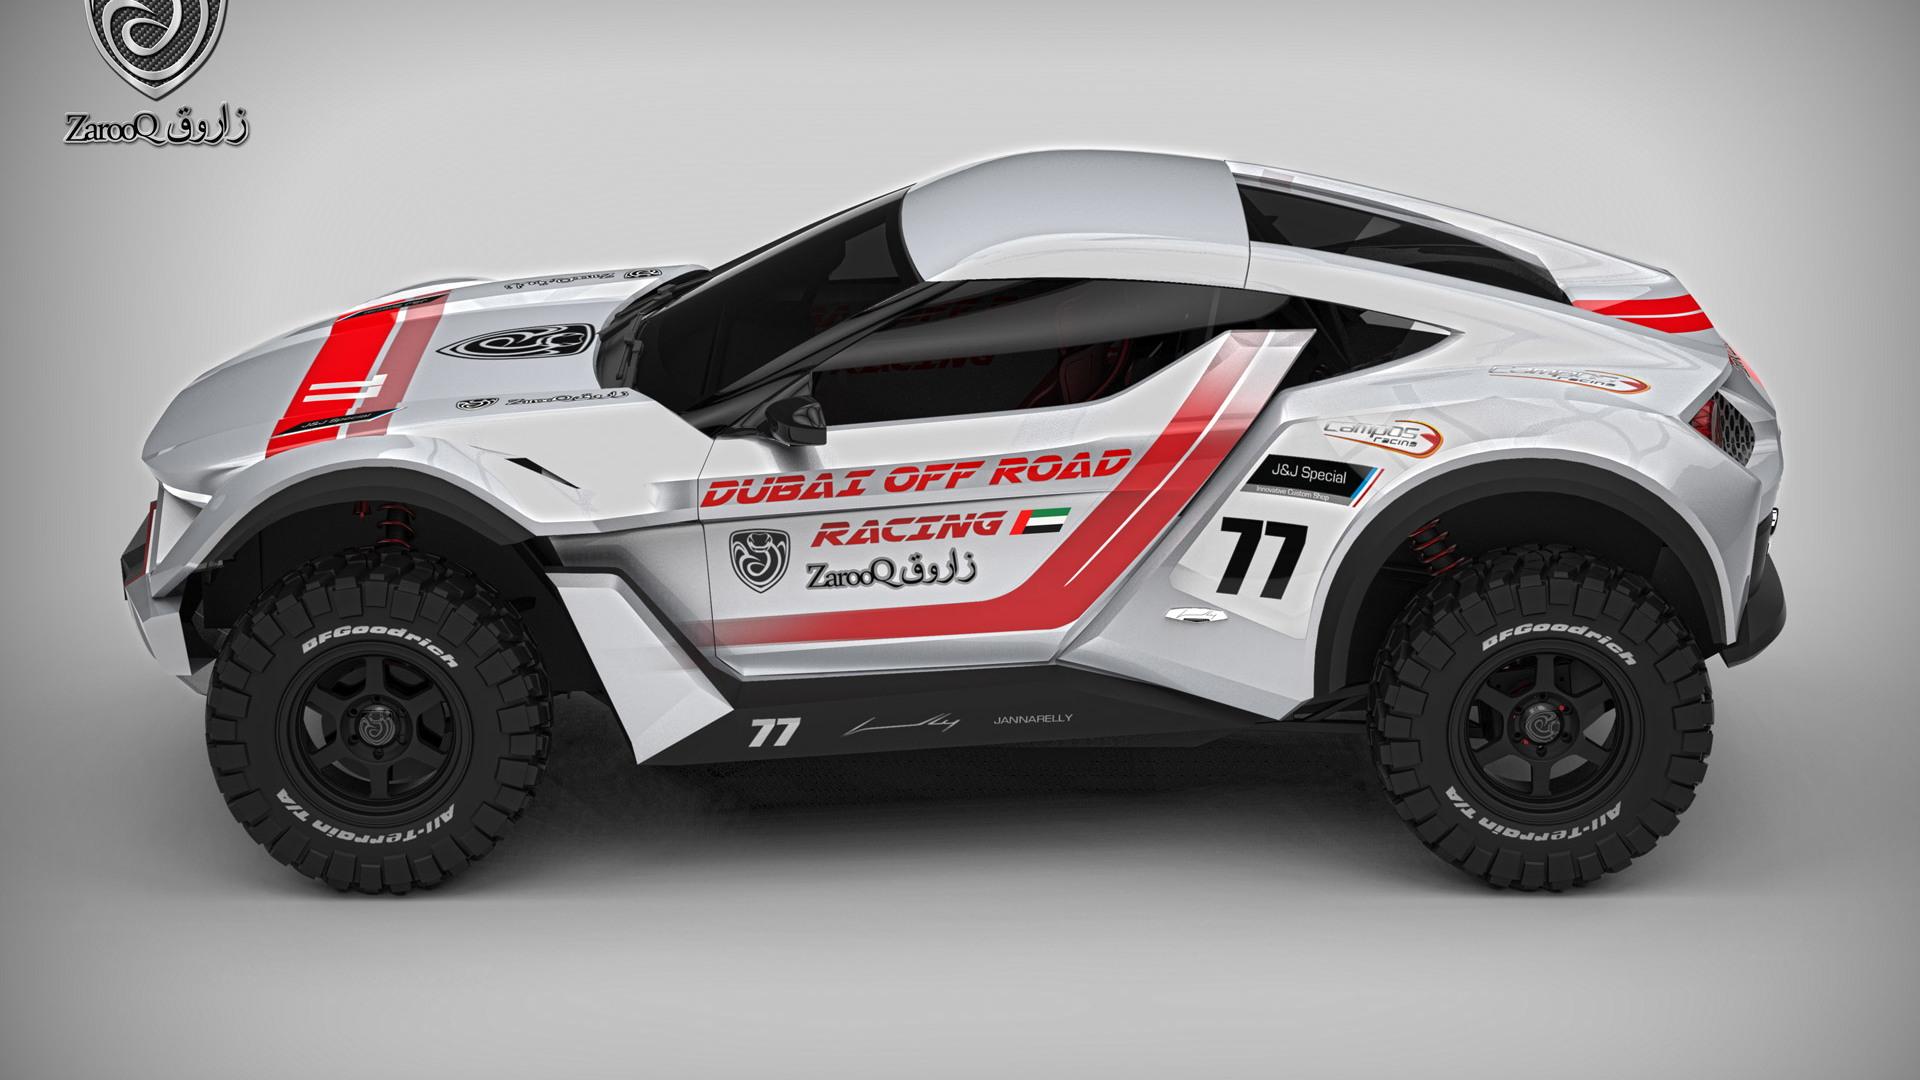 2016 Zarooq Sand Racer